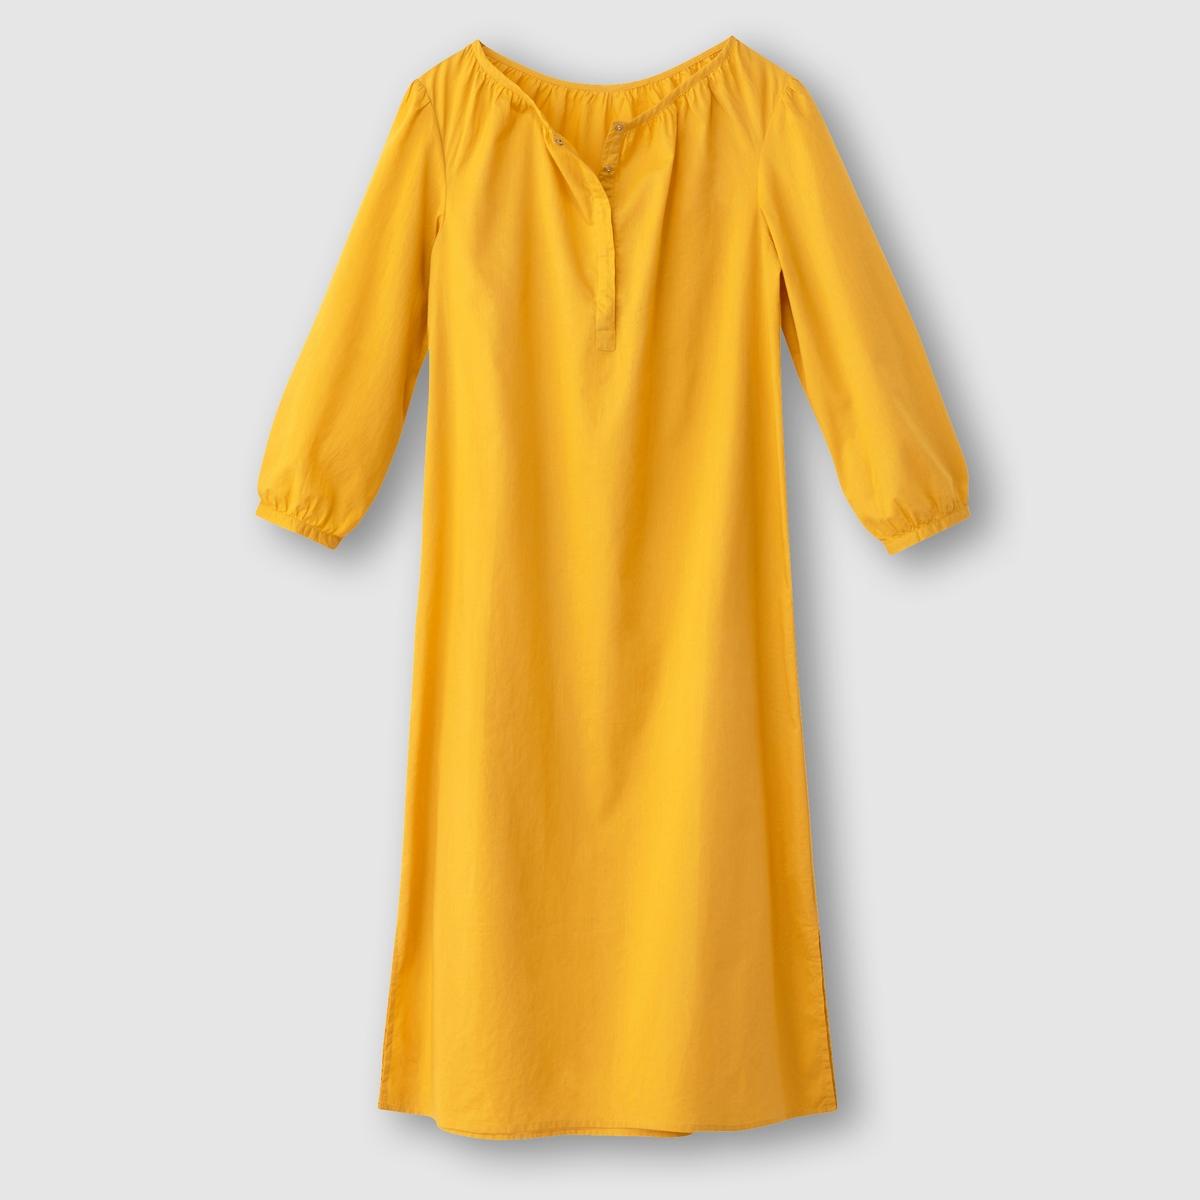 Платье из хлопковой вуалиСостав и описание           Материал вуаль  100% хлопка          Марка COULEUR  D'?T?                       Уход          Машинная стирка при 30°C на деликатном режиме           Машинная сушка запрещена           Глажение при средней температуре<br><br>Цвет: желтый<br>Размер: 36 (FR) - 42 (RUS)